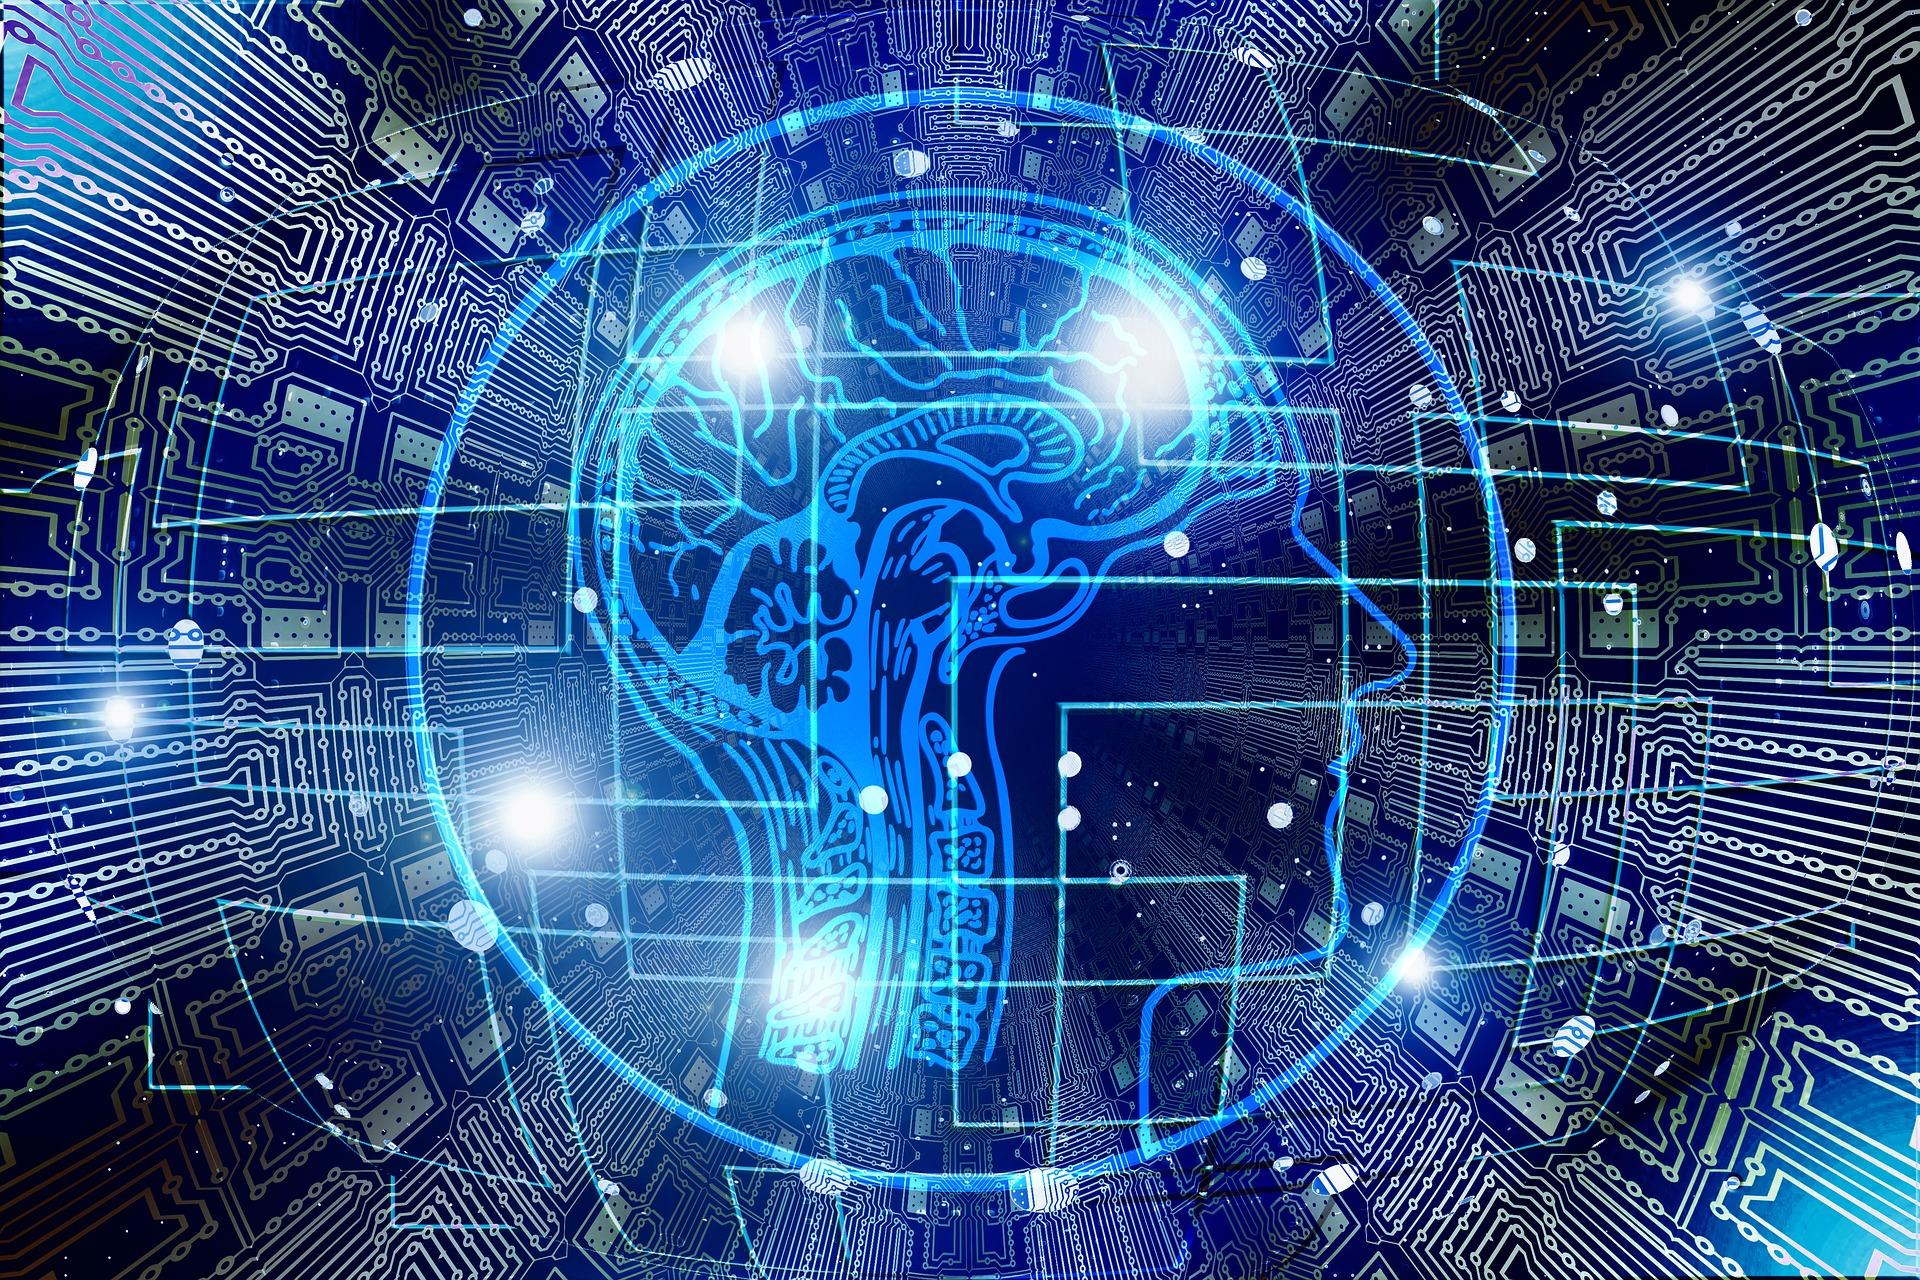 Le point de vue d'un «digital evangelist» sur l'intelligence articielle et la transformation digitale